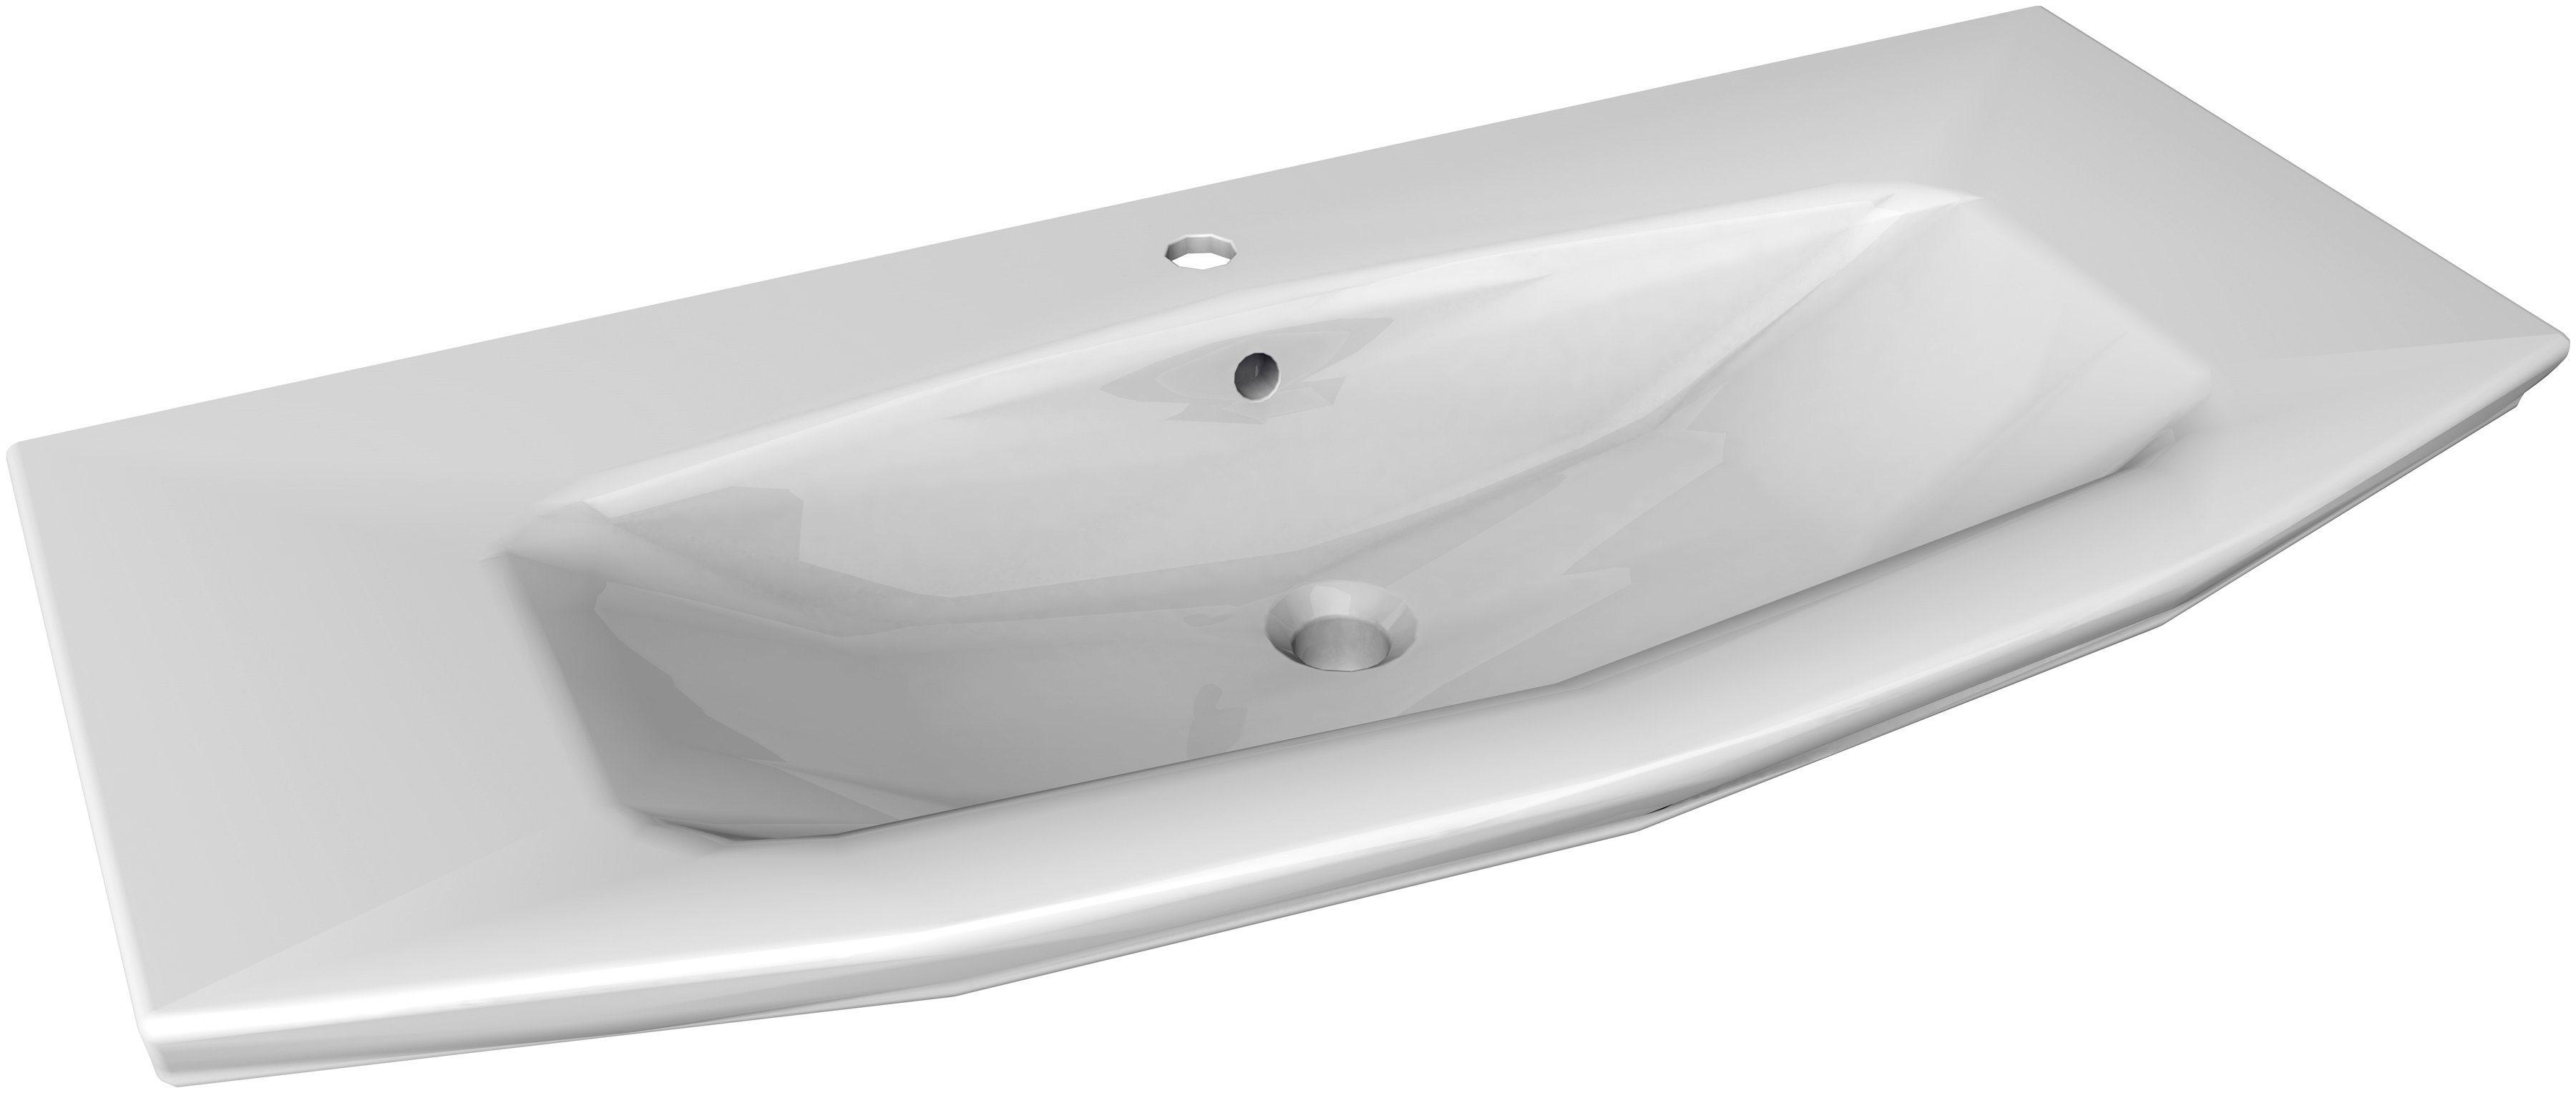 Waschbecken »Lino«, Breite 90 cm, Keramik